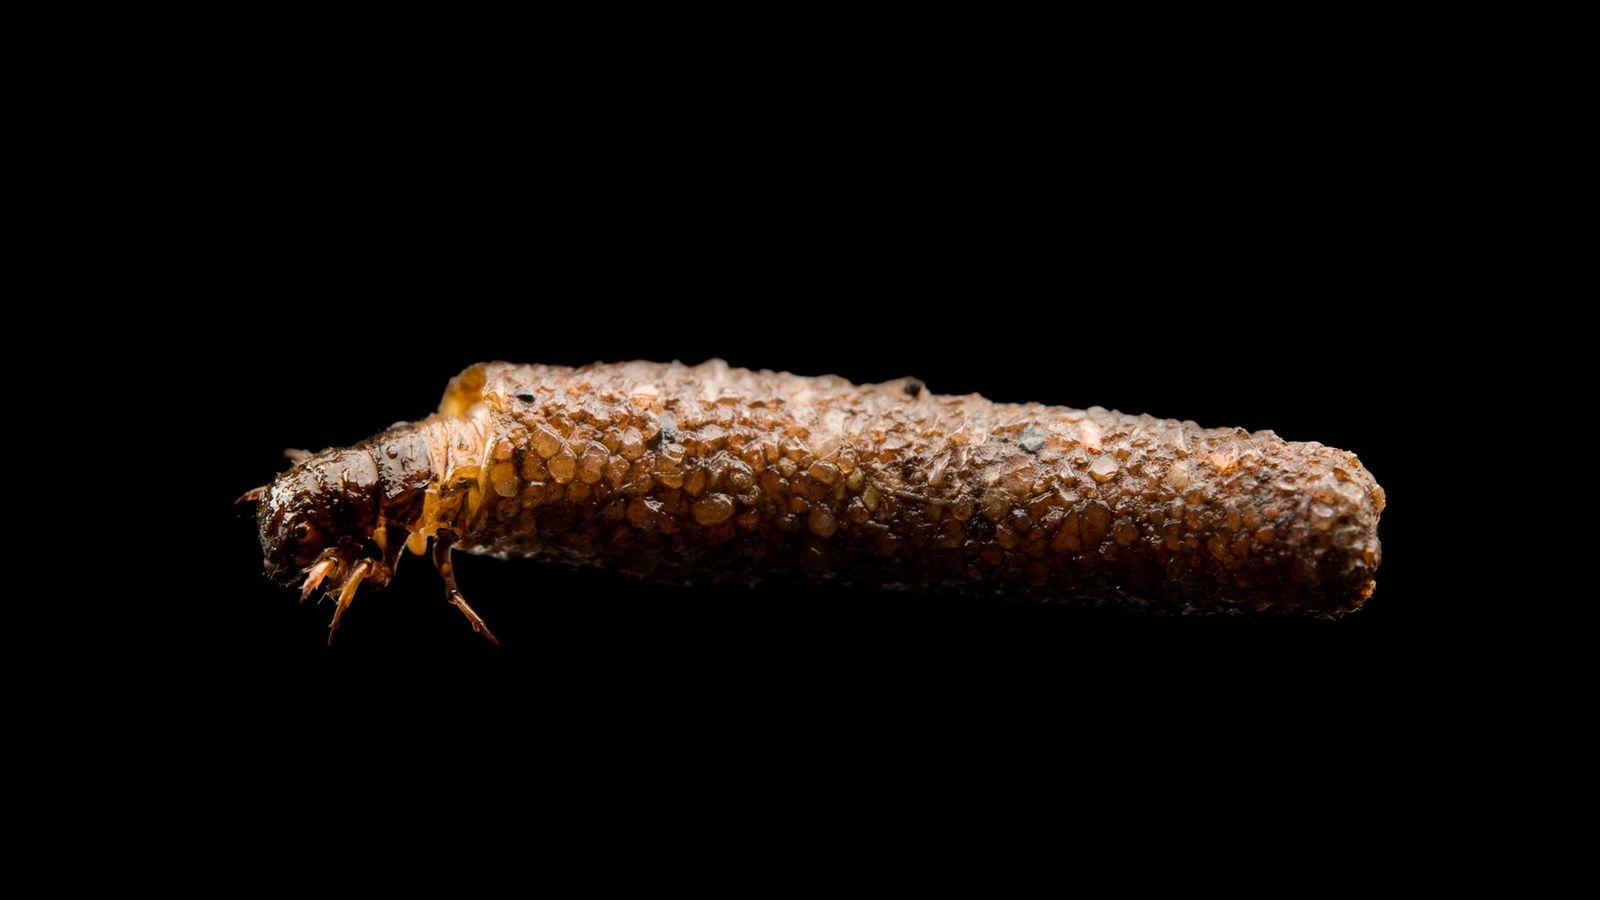 Uma mosca-d'água usa sua carapaça protetora em um retrato de estúdio.